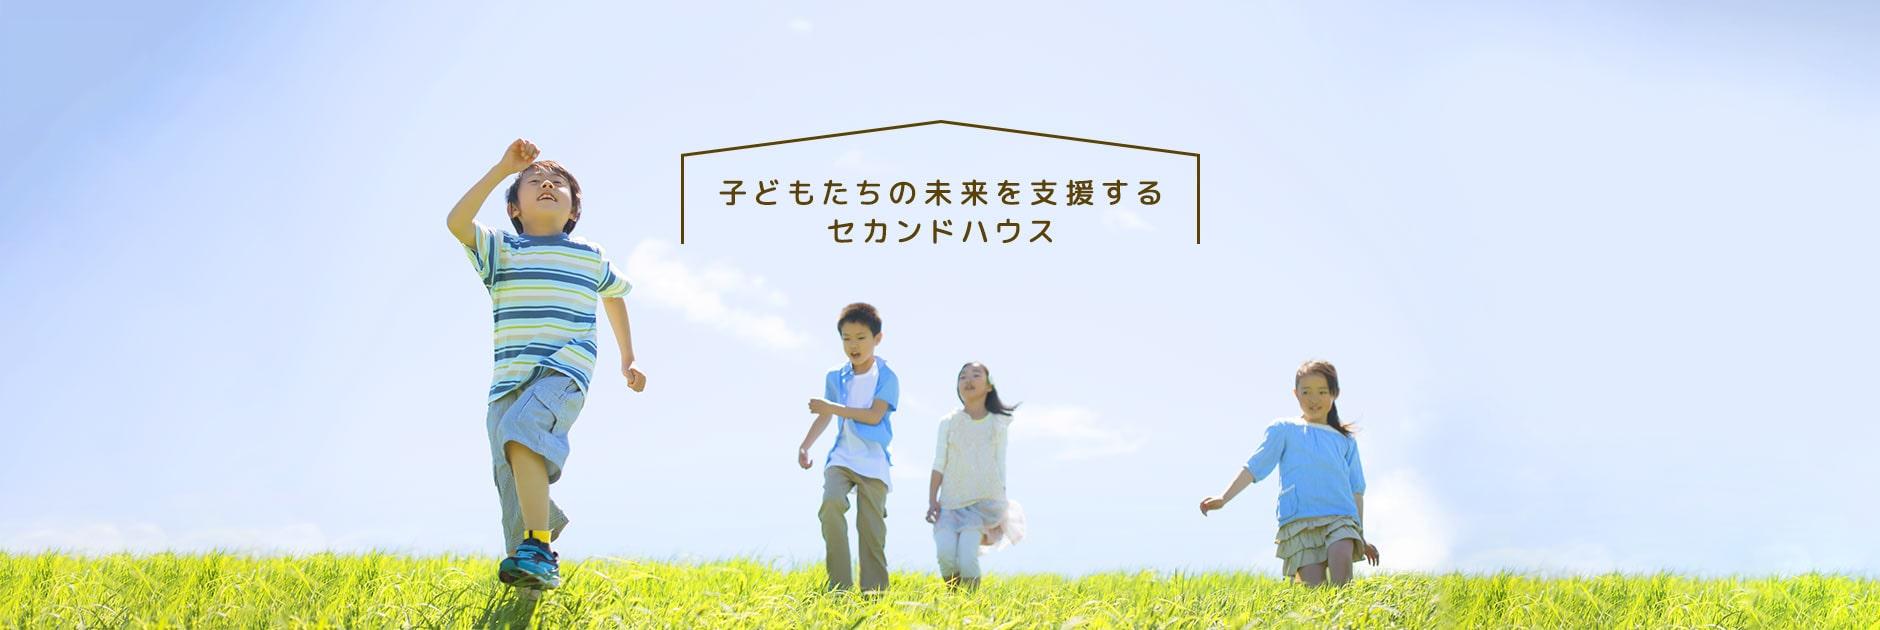 子どもたちの未来を支援するセカンドハウス